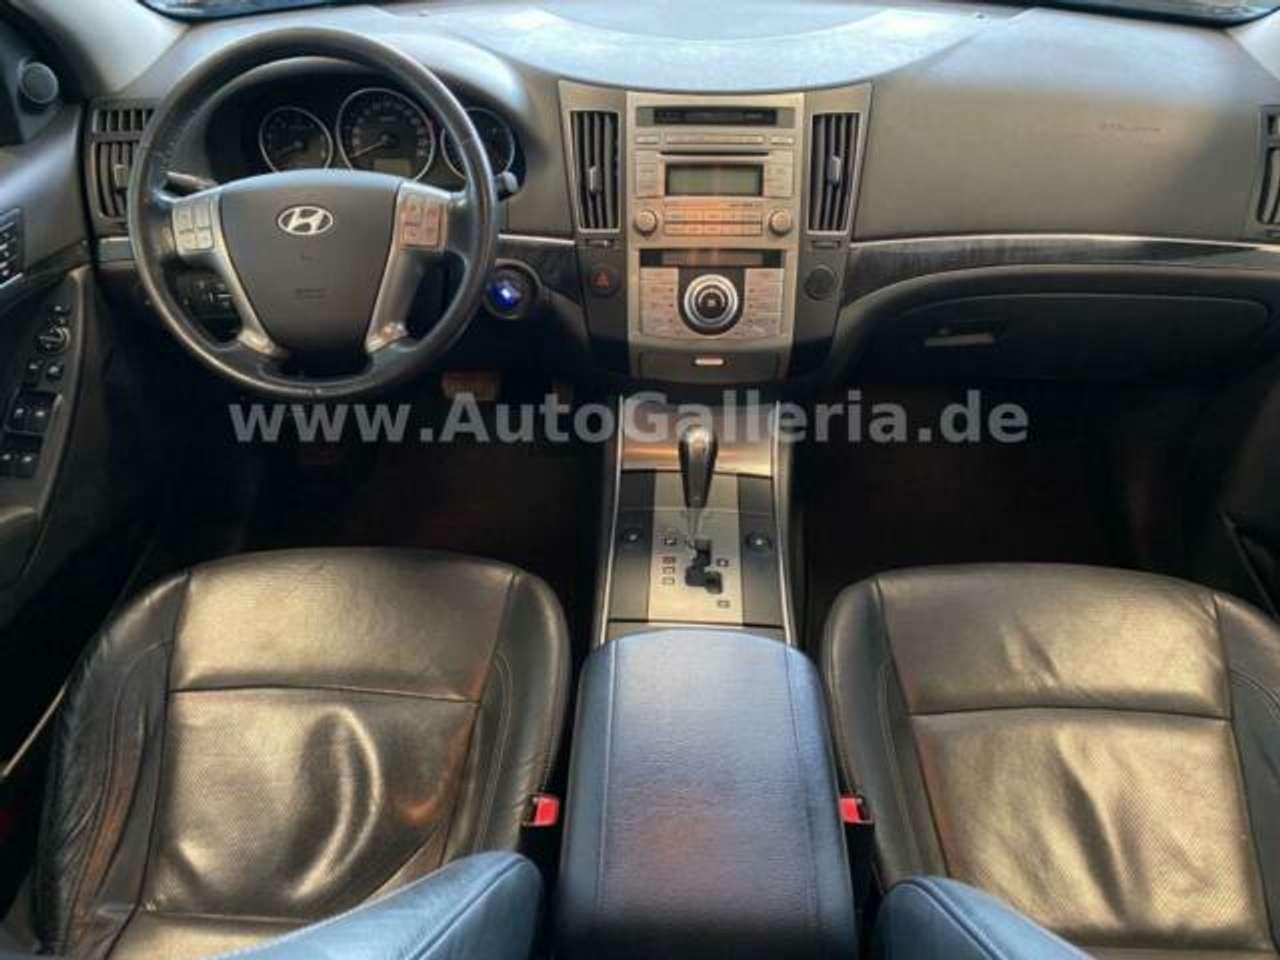 Autos nach Hyundai ix55